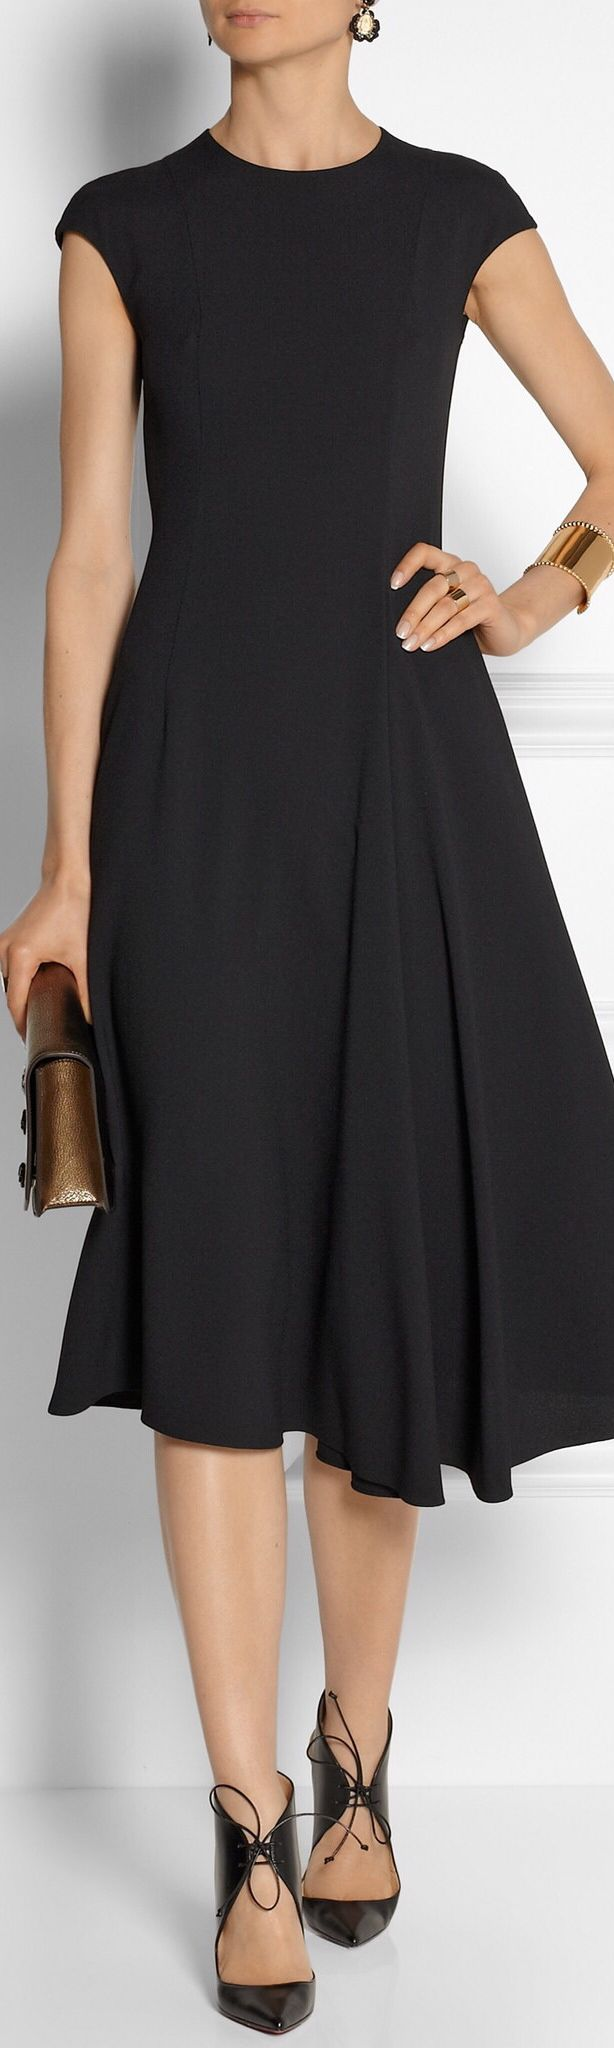 The Row. Vestido negro de largo Chanel, un todo terreno.